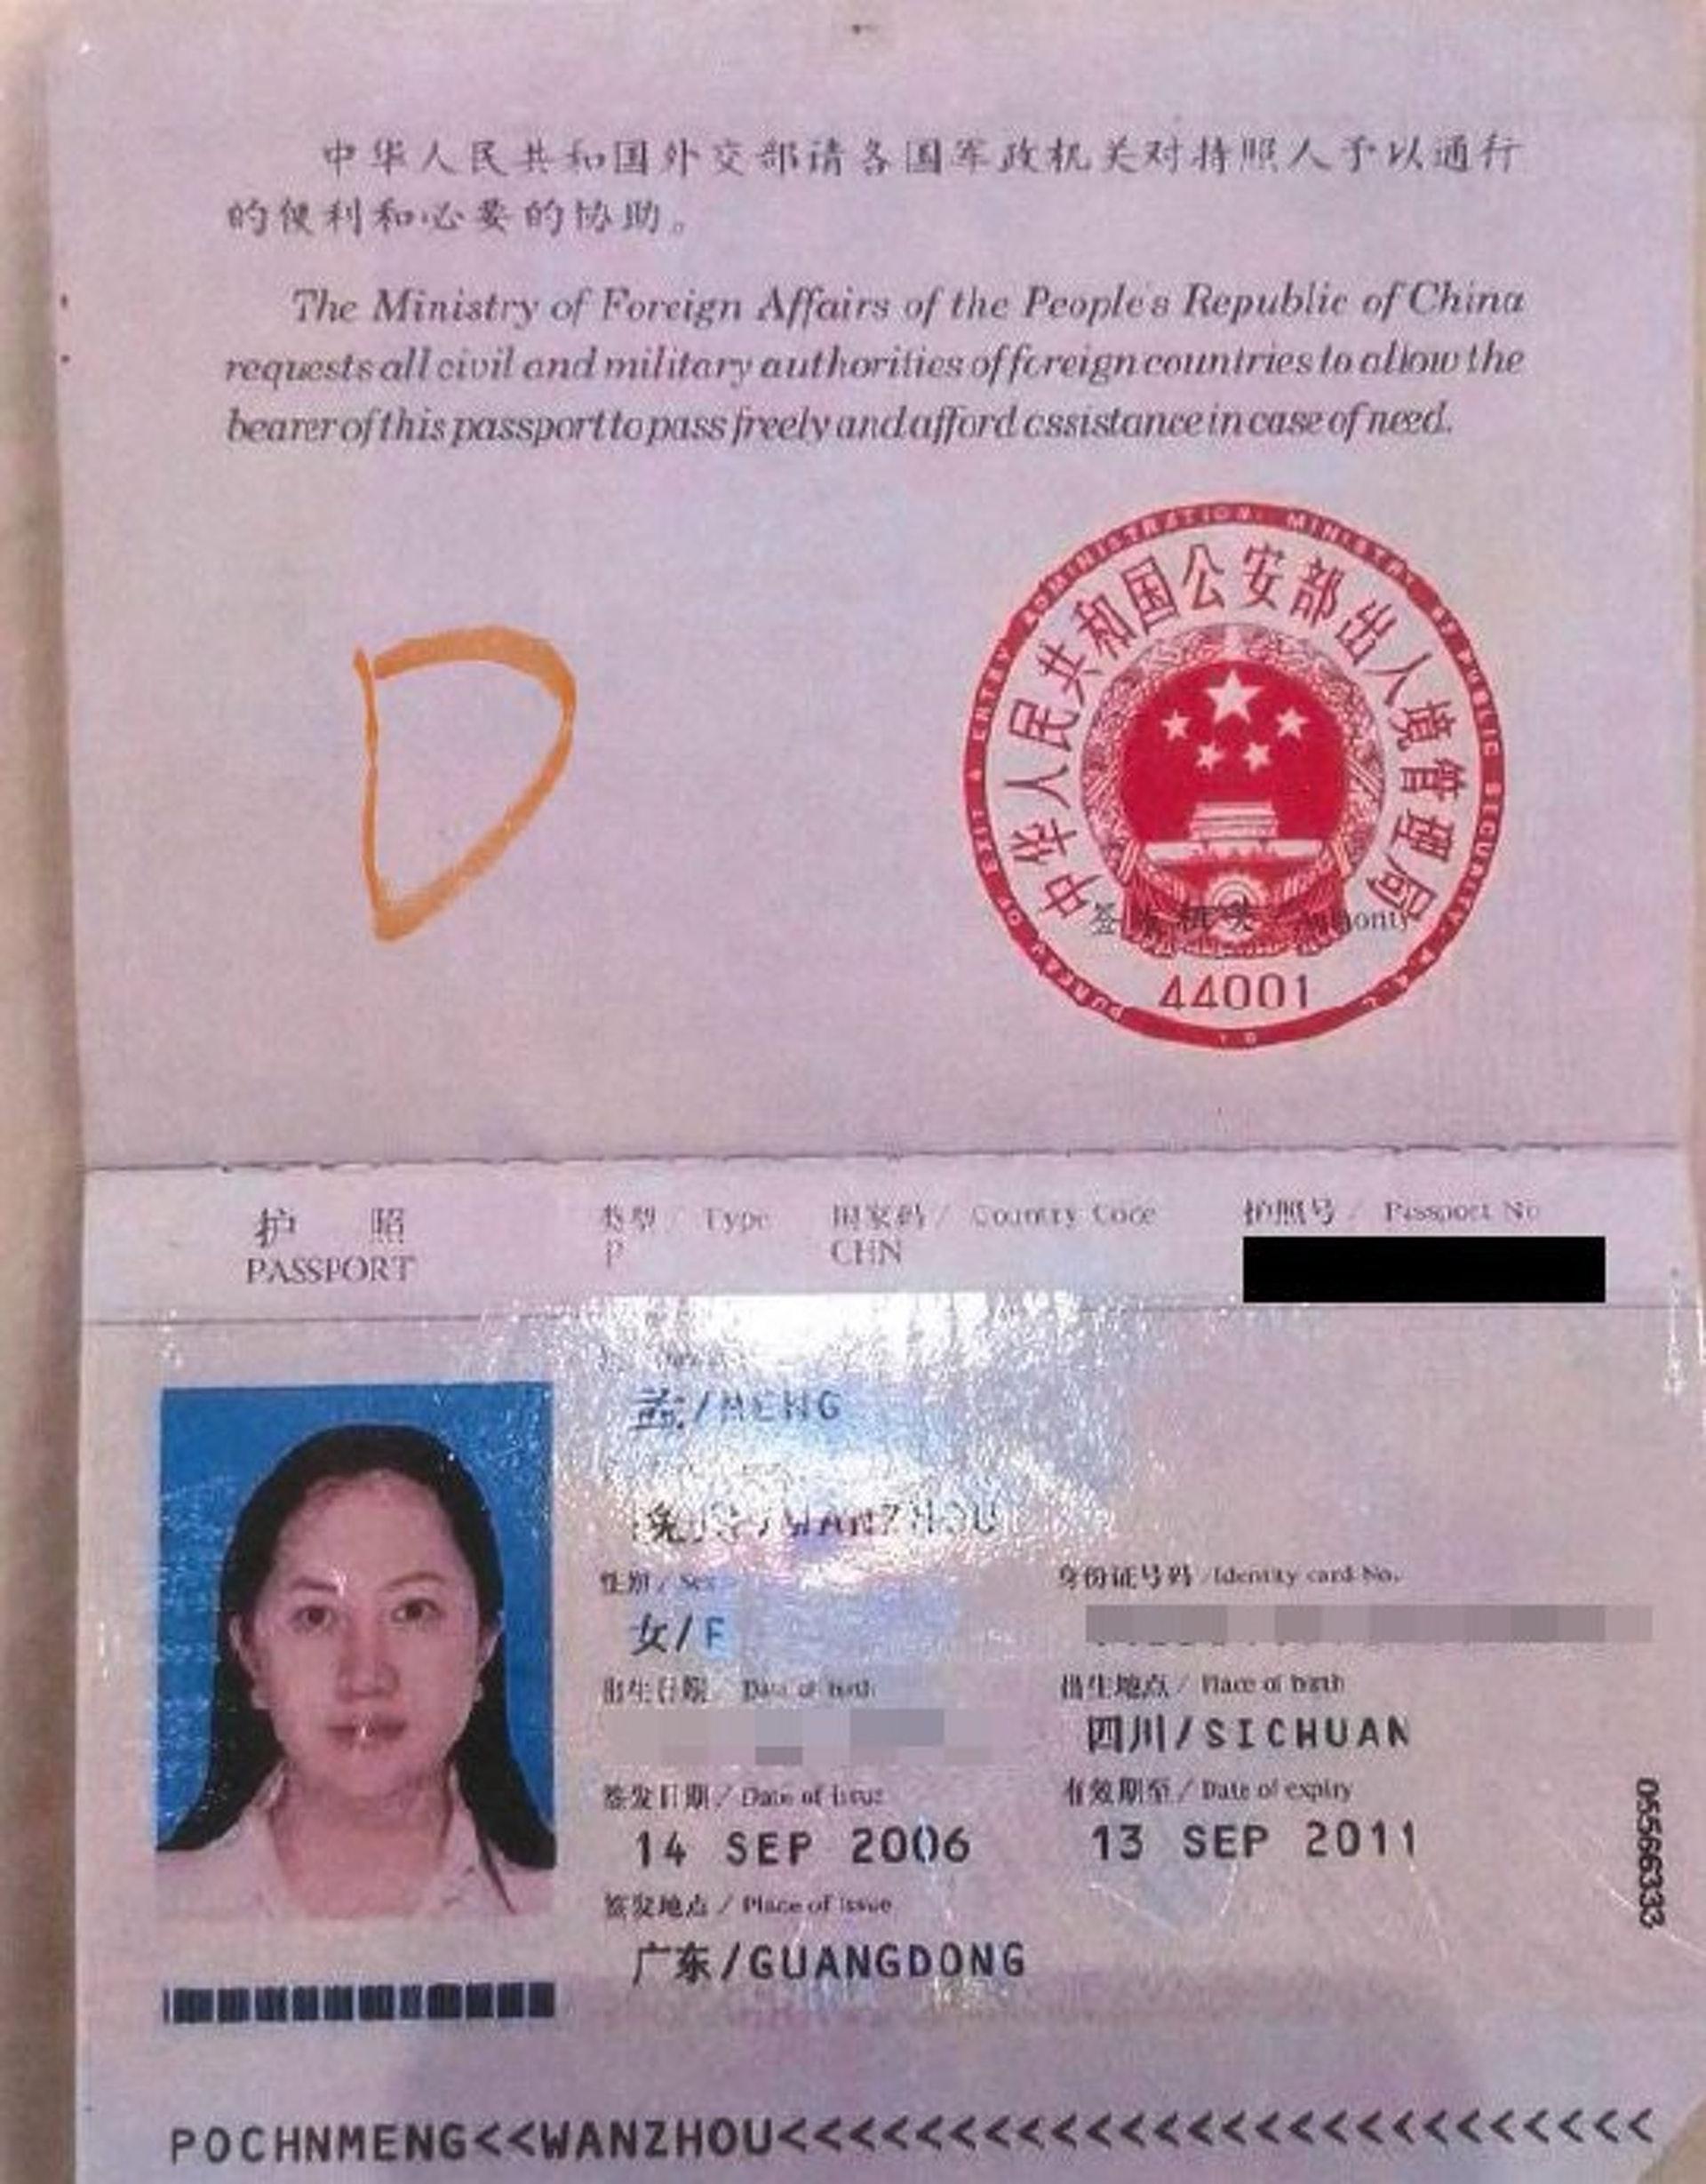 孟晚舟曾使用过的另一本中国护照,而在加拿大法庭呈堂的文件中,并无孟晚舟这本P字头的因公护照。(加拿大法庭文件)